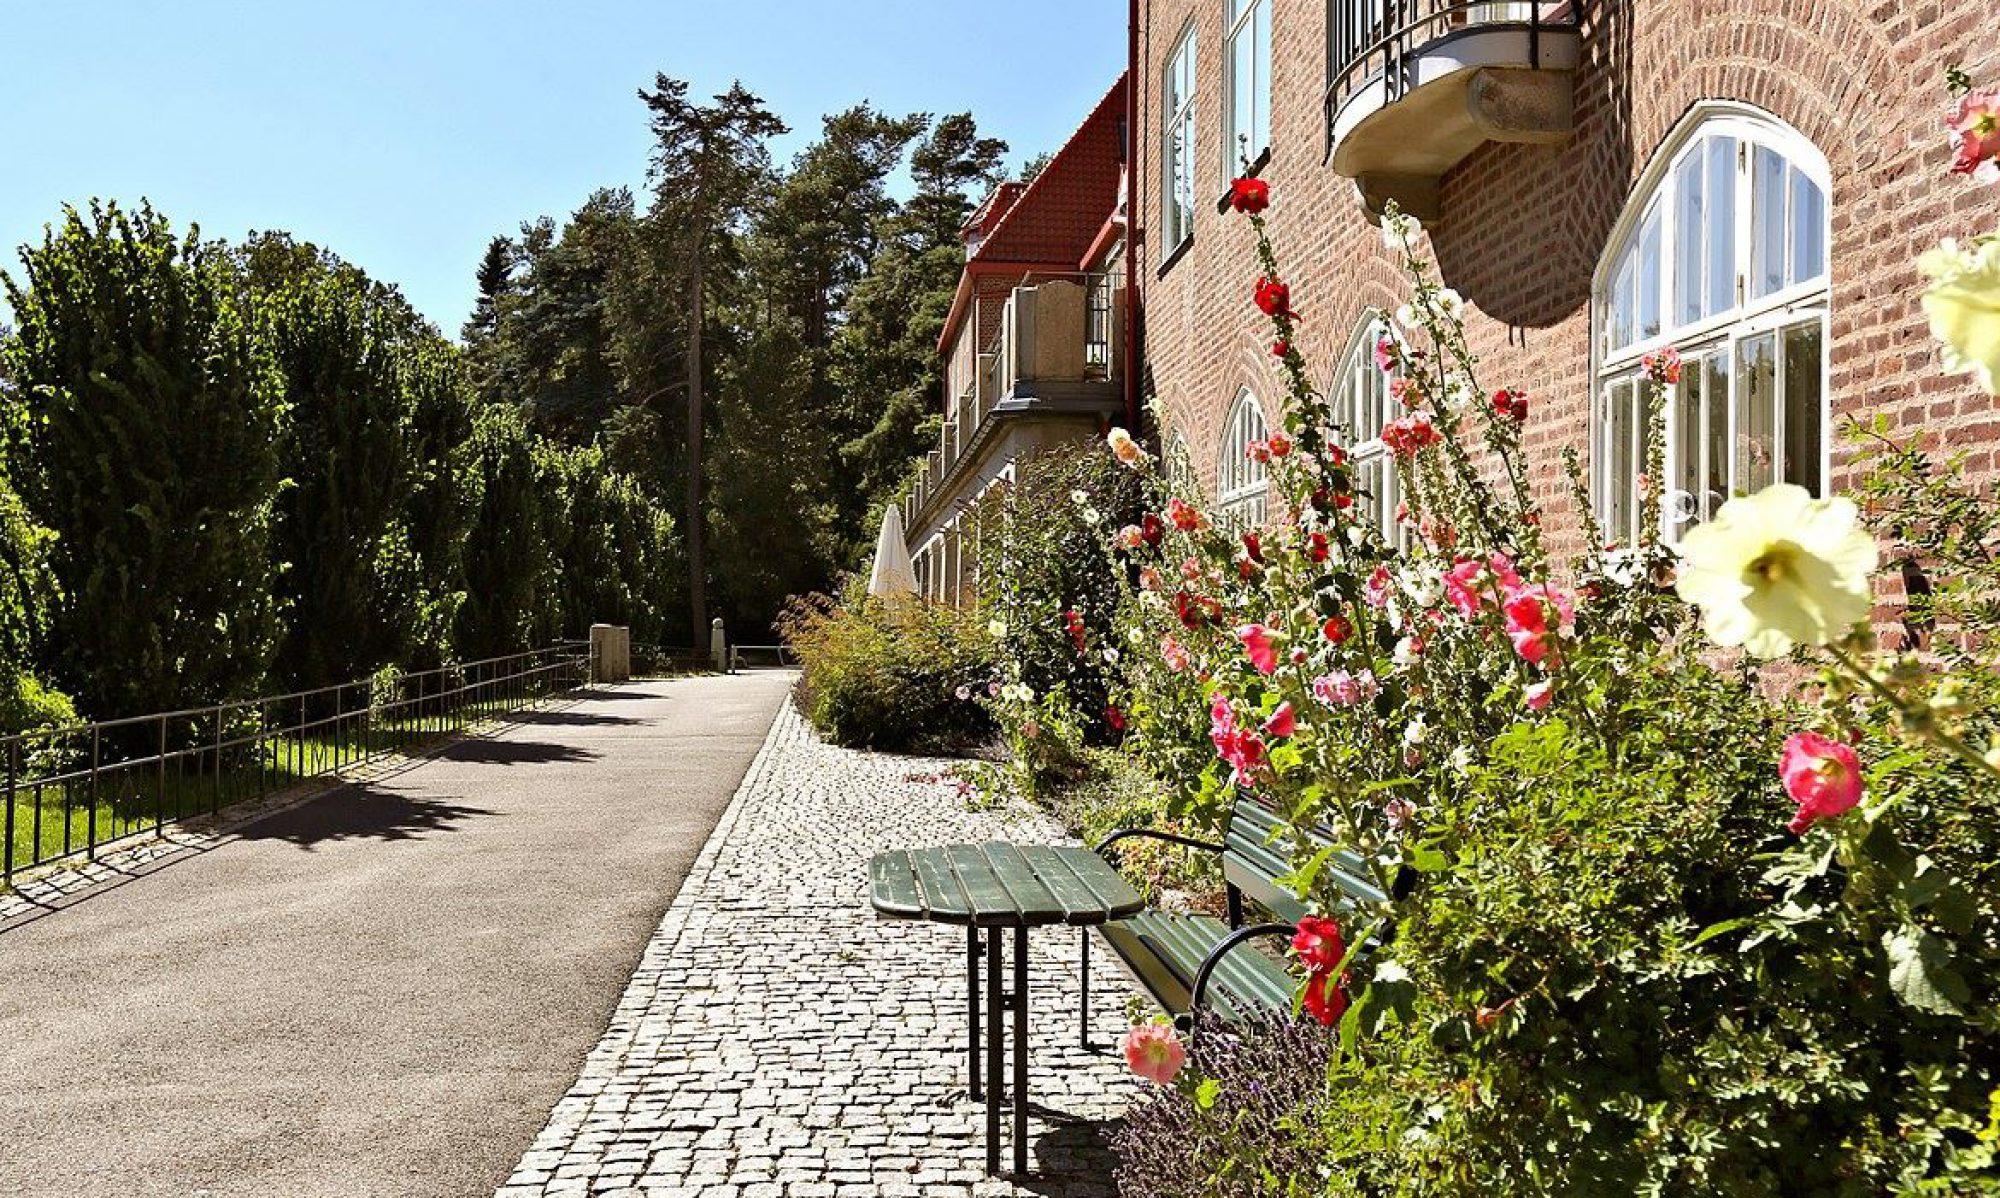 Brf Renströmska villan